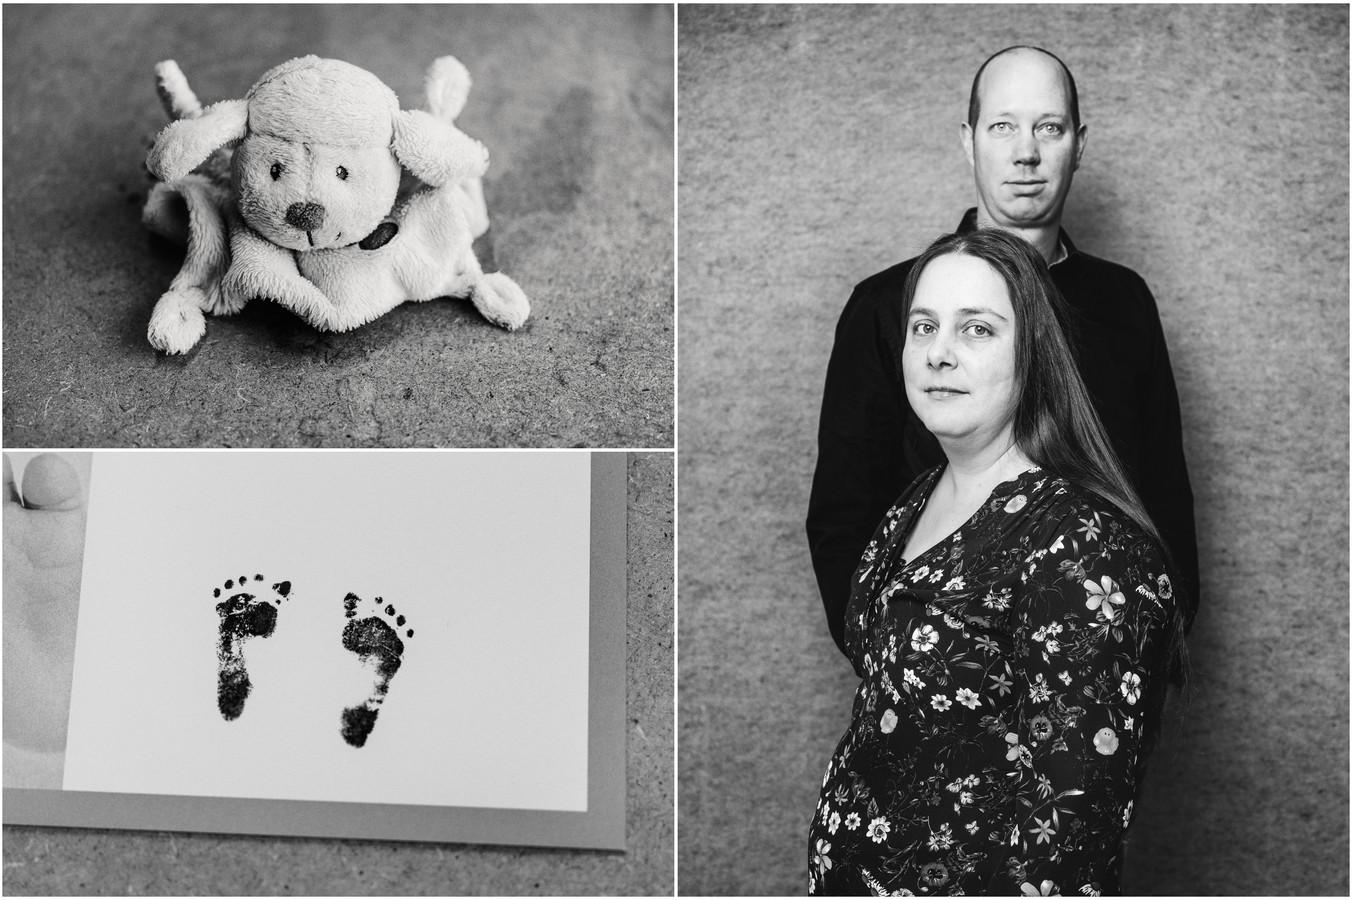 Wendy (37) en Robert (37) van Bremen, ouders van Aron (8 juni 2017), Hugo (31 oktober - 31 oktober 2018), Ruben (22 november - 23 november 2019).